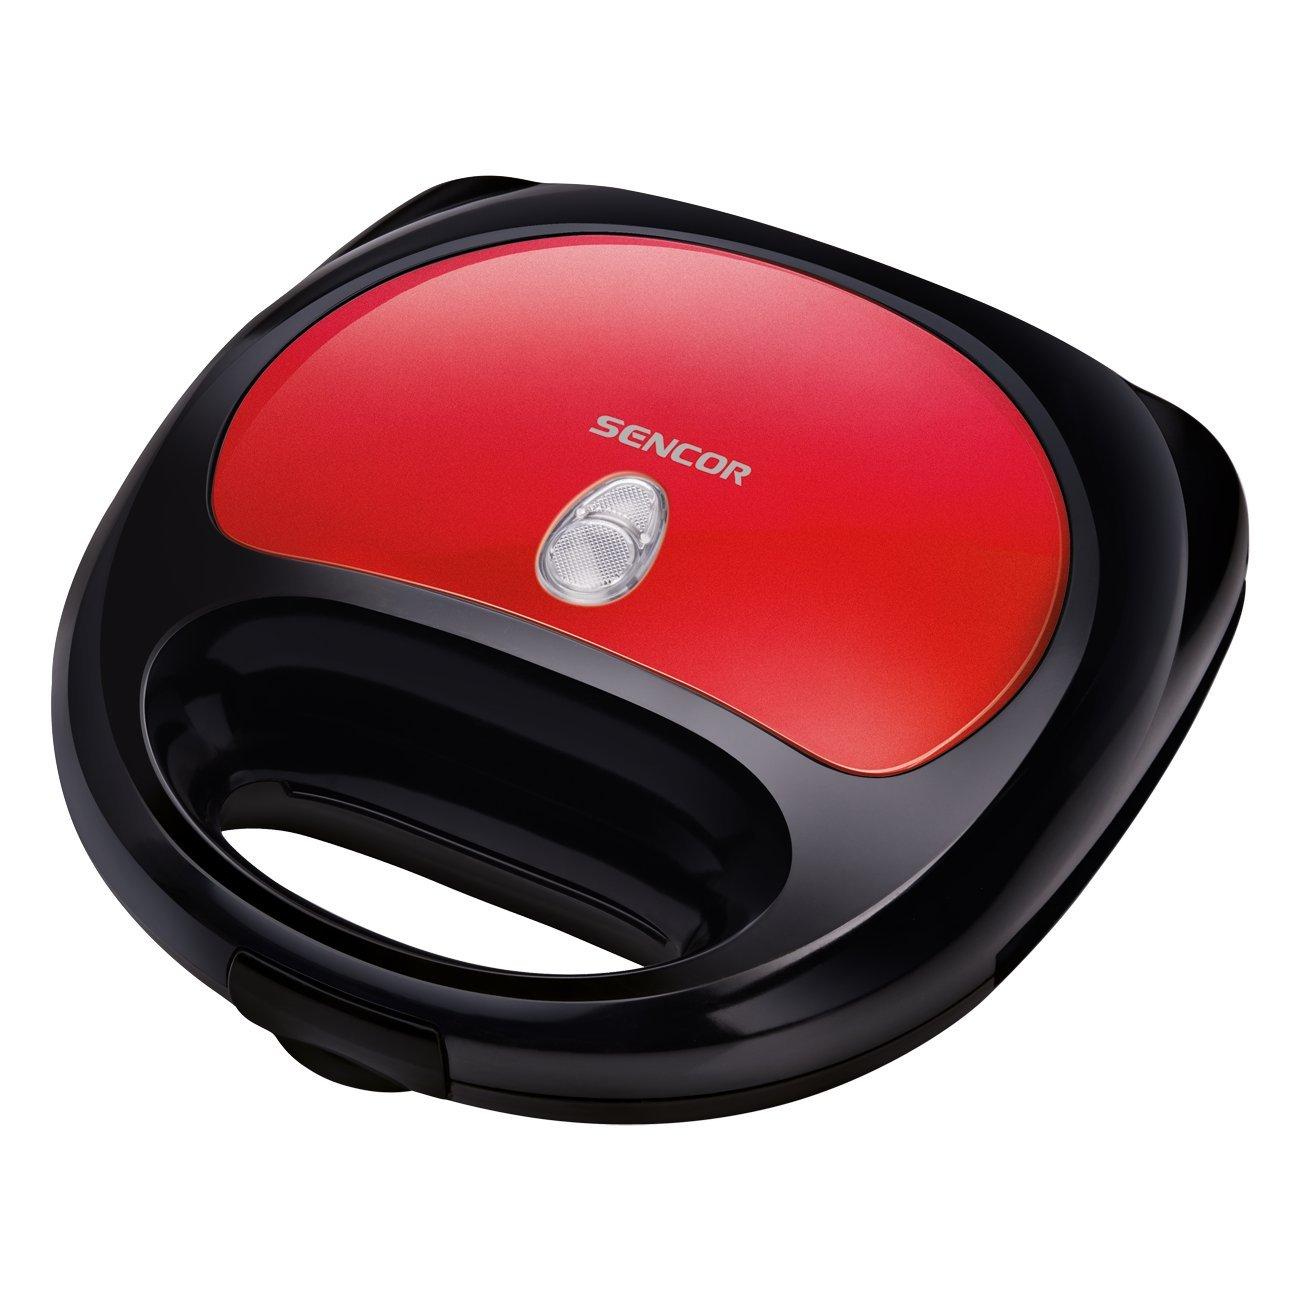 Moulinex SW6125 3-in-1 Snack-Kombigerät Red Ruby Rot-Weiss Grillplatten 700 W